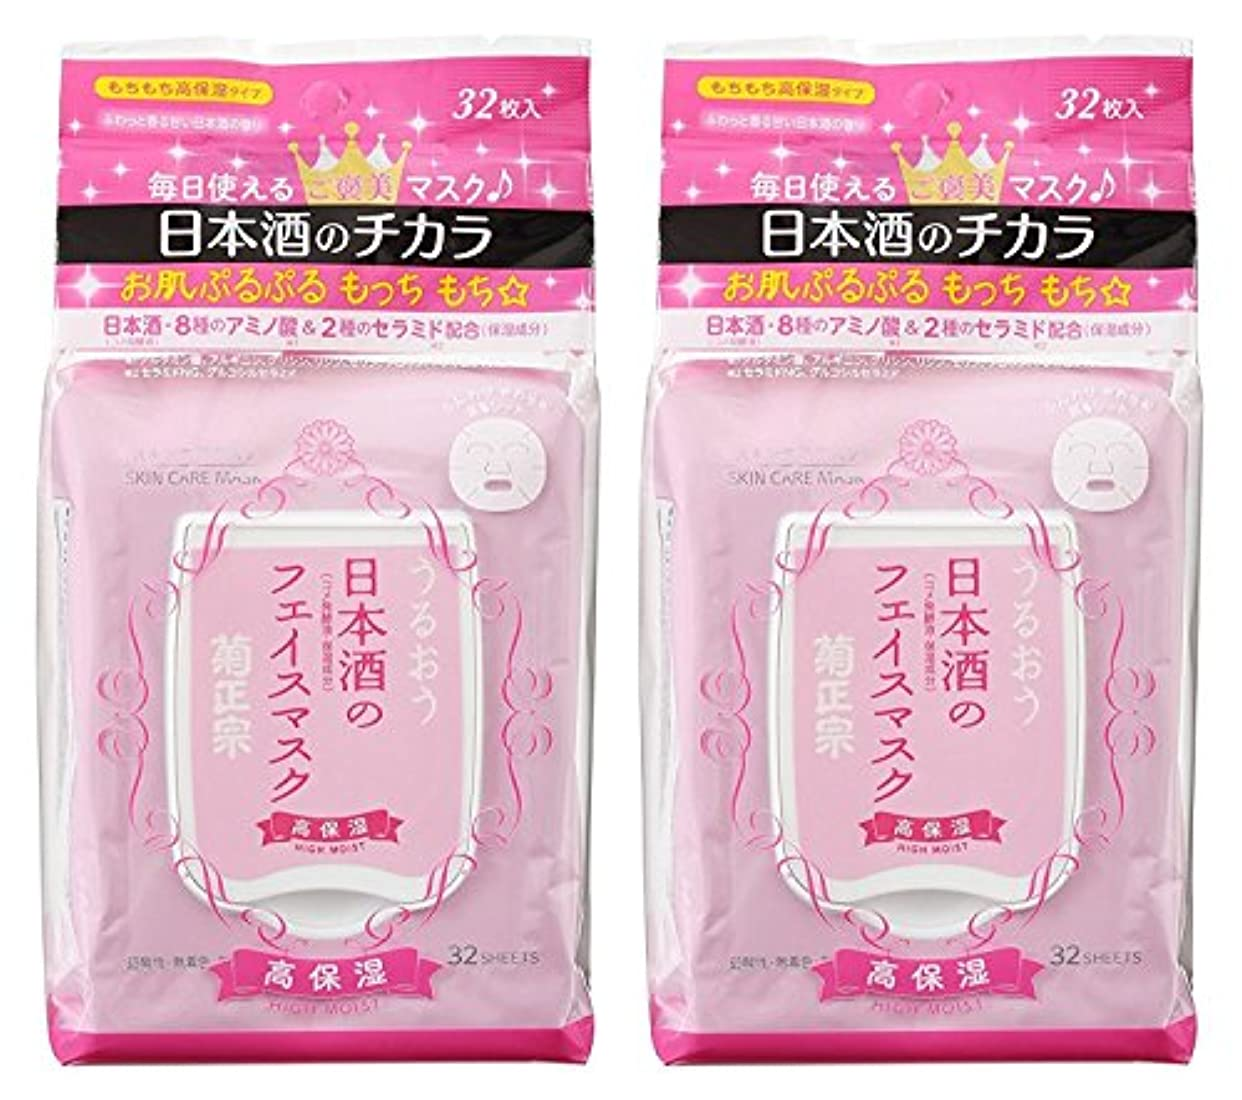 エステート白鳥文献菊正宗 日本酒のフェイスマスク 高保湿 32枚入×2セット